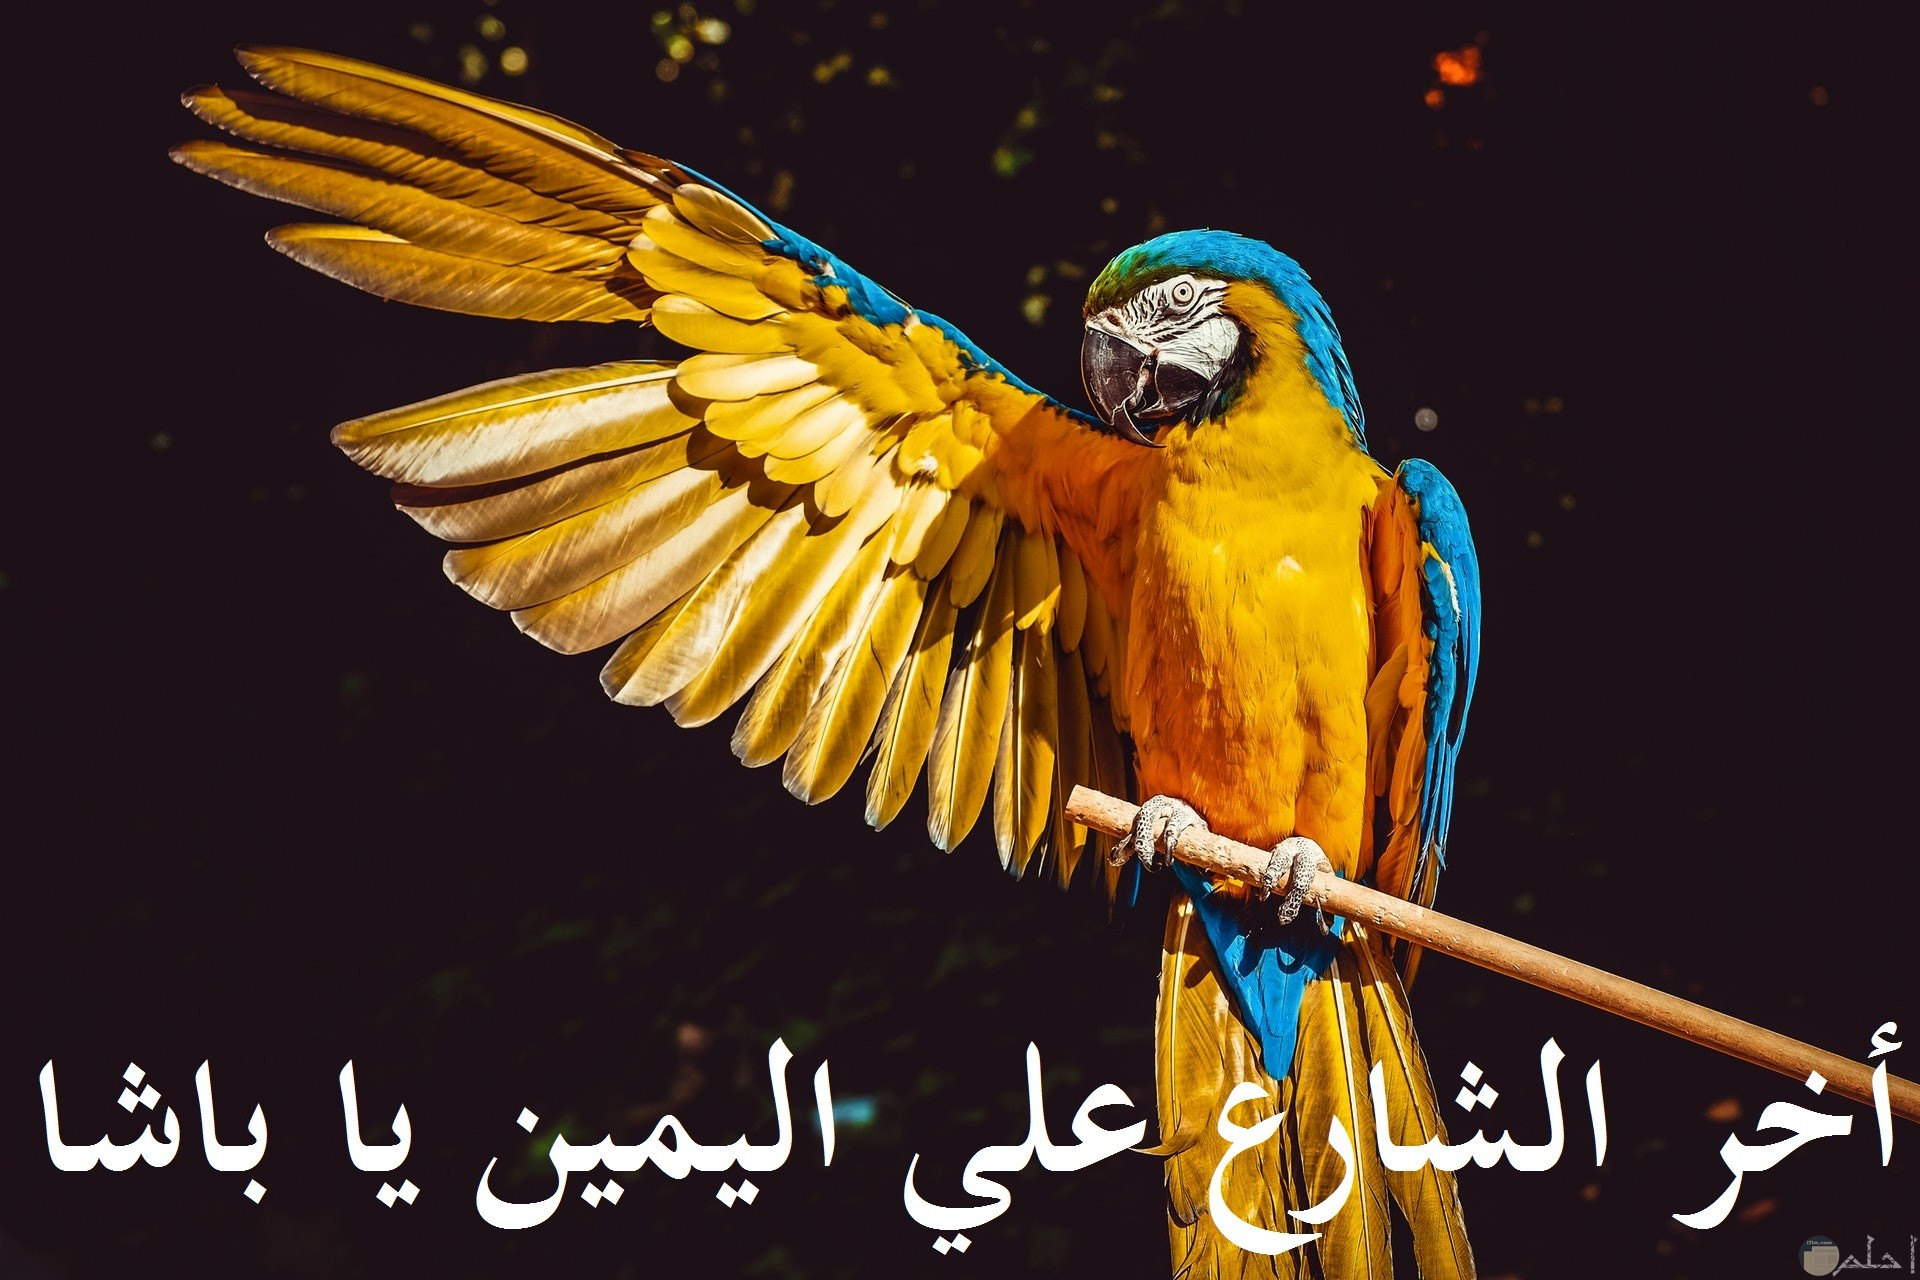 صورة كوميدية لطائر مضحك يقوم بالإشارة لمكان ما مضحكة جدا